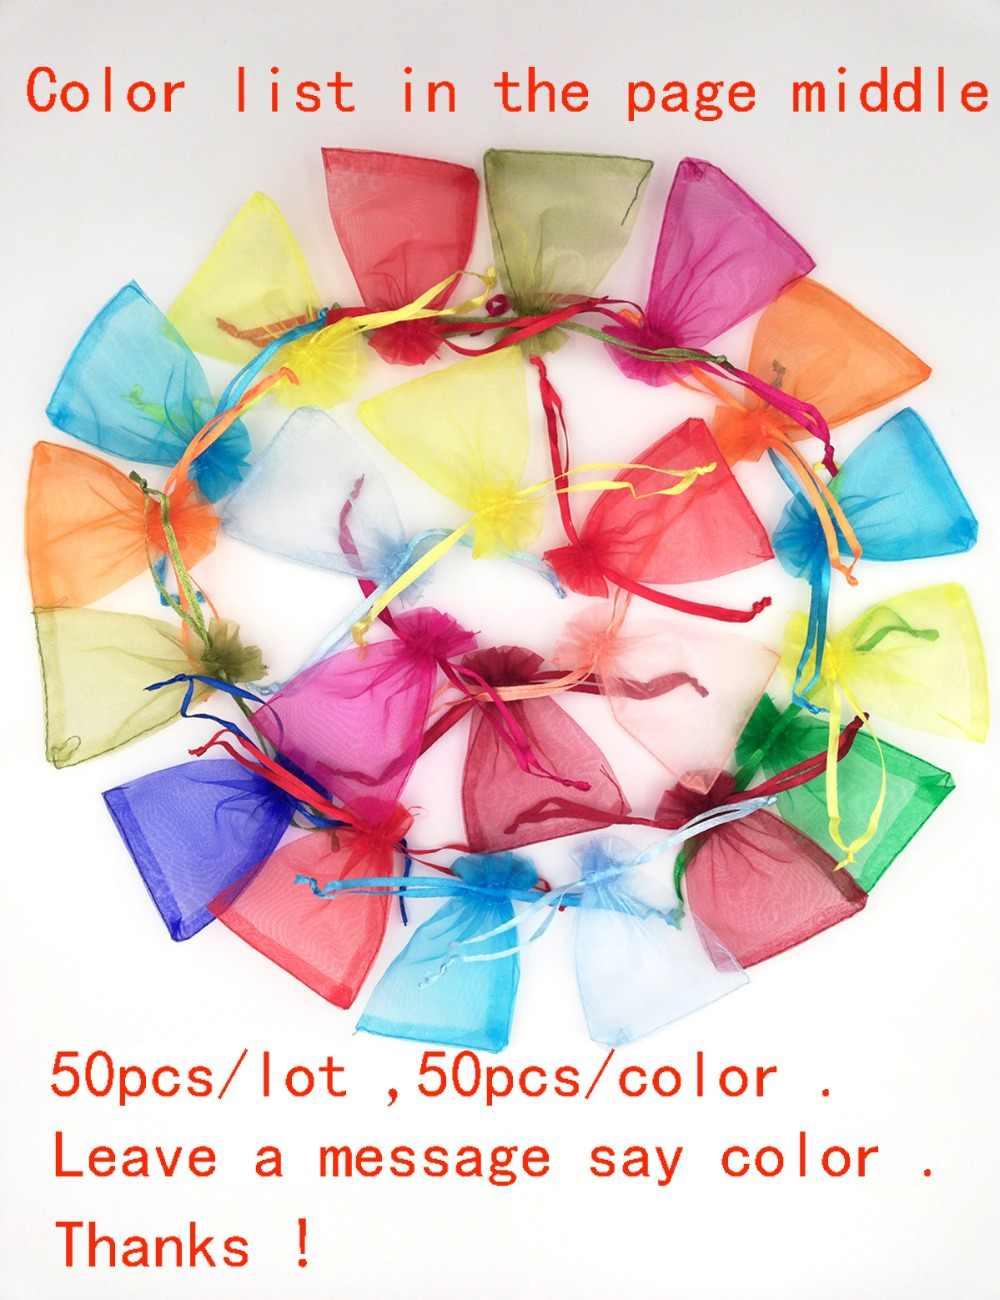 50 cái/lốc Nhỏ & Lớn Organza Túi Đám Cưới Túi Túi Đồ Trang Sức Bao Bì Túi Bữa Tiệc Sinh Nhật Túi Quà Tặng Giáng Sinh 11 Kích Thước 24 màu sắc